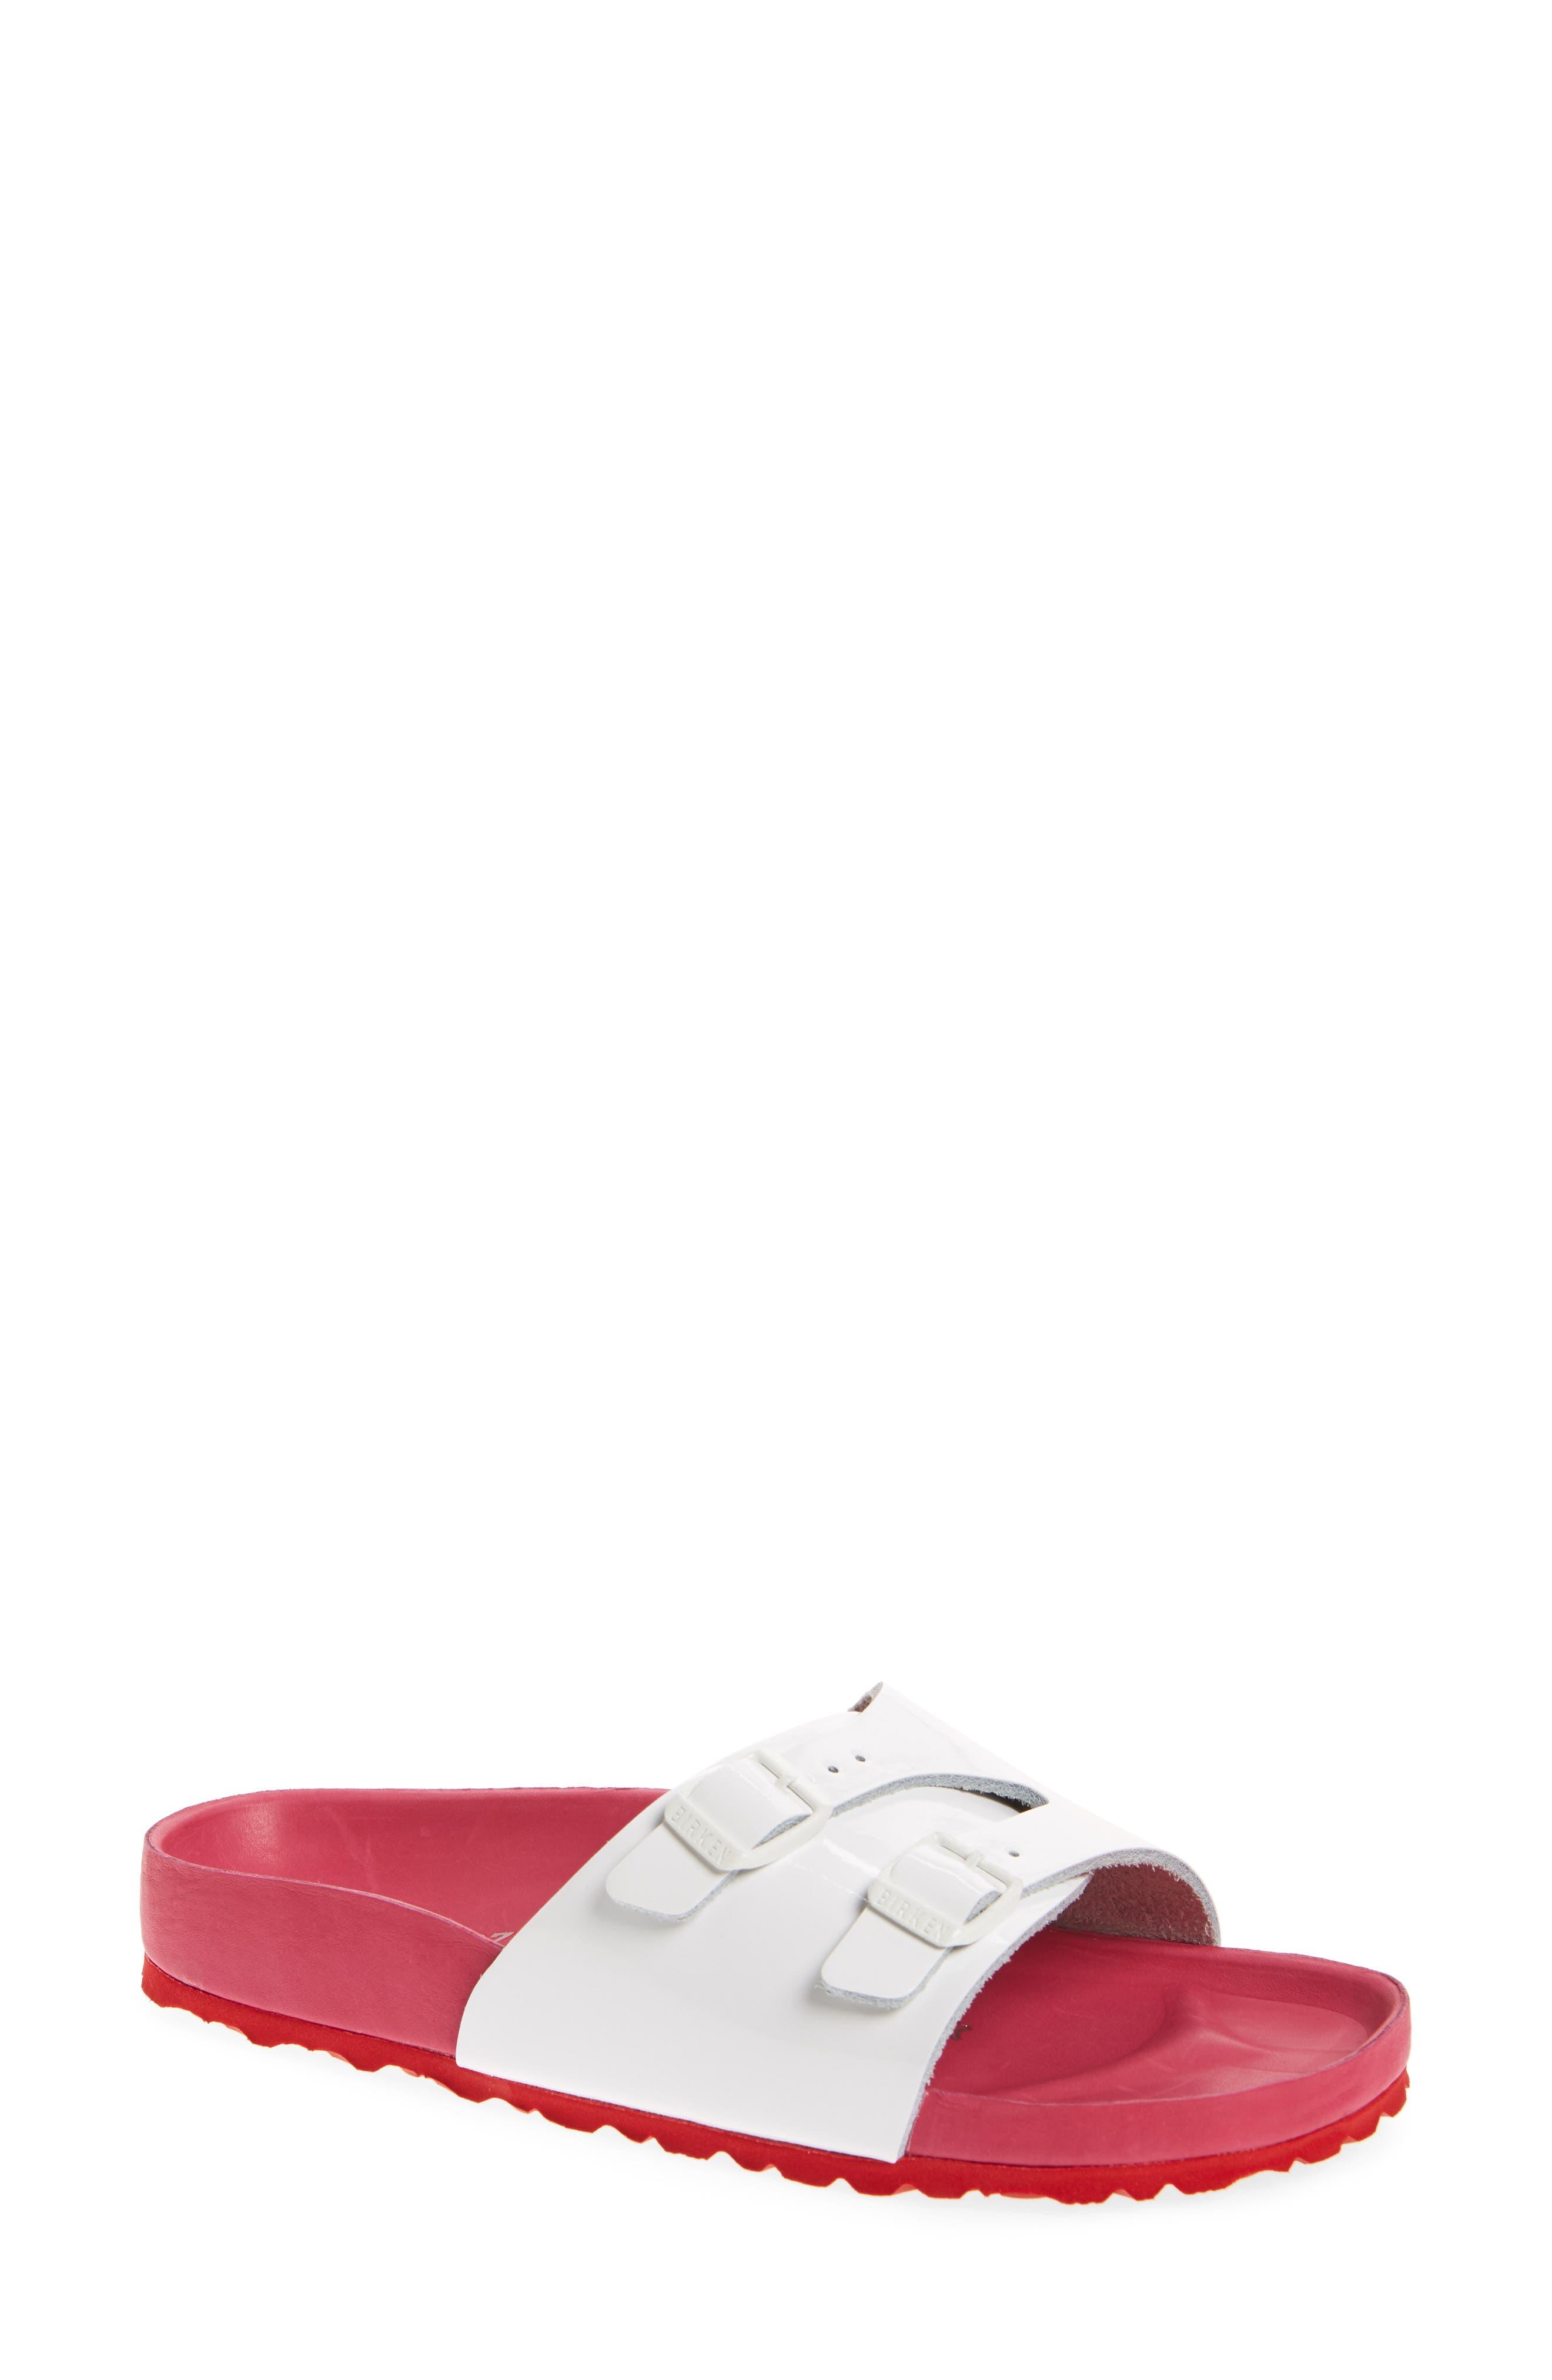 Vaduz Exquisite Limited Edition - Shock Drop Sandal,                             Main thumbnail 1, color,                             White Leather